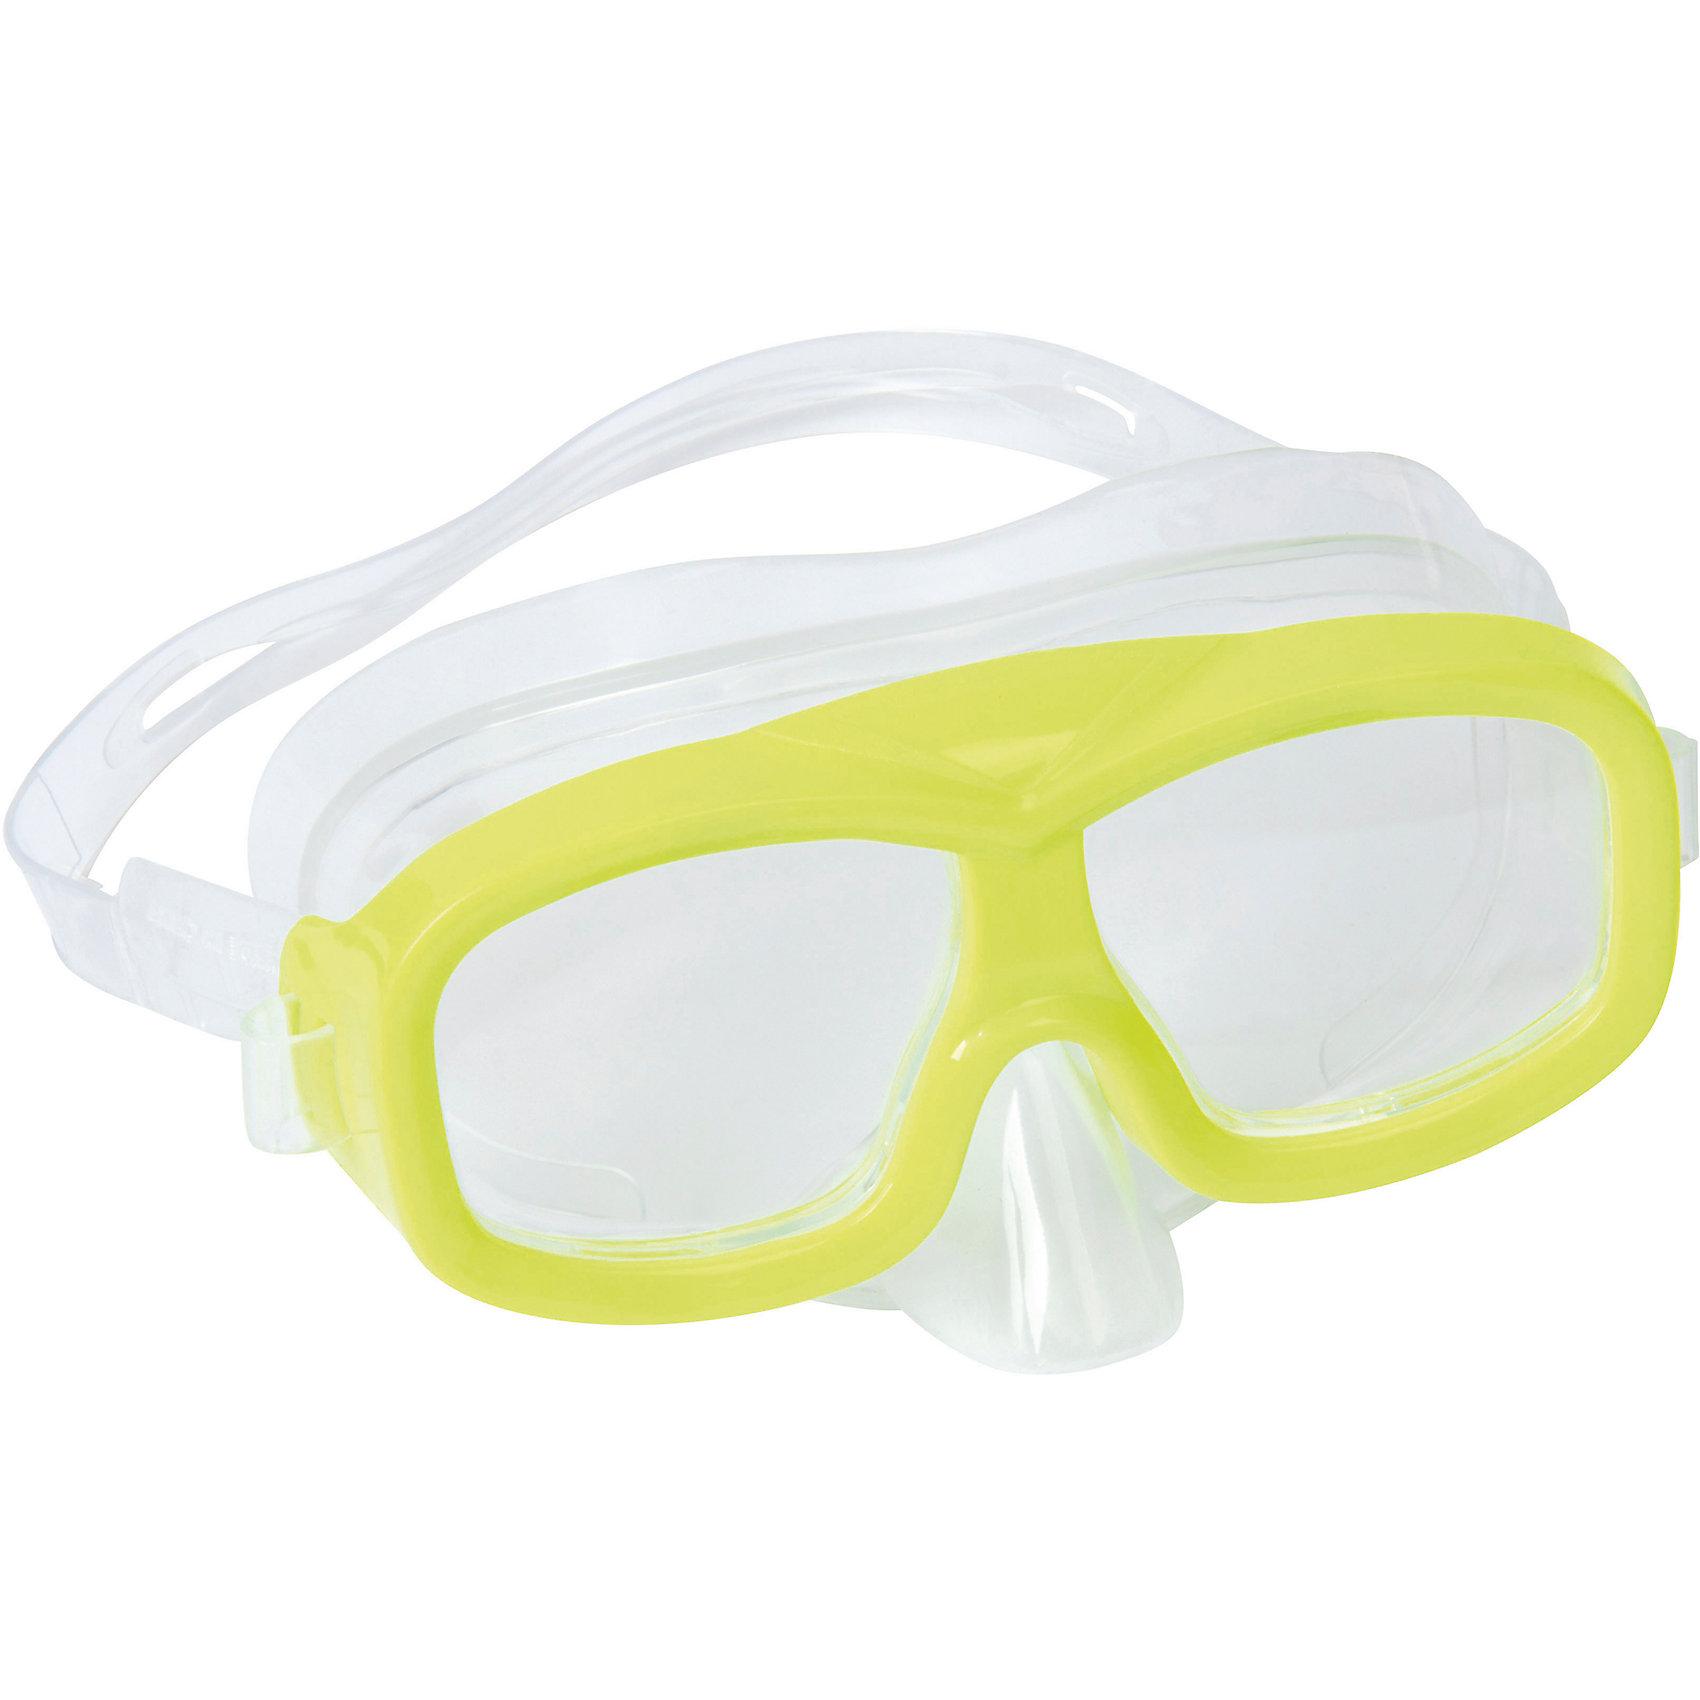 Маска для ныряния Neuwave детская, салатовая, BestwayОчки, маски, ласты, шапочки<br>Маска для ныряния Neuwave детская, салатовая, Bestway (Бествей)<br><br>Характеристики:<br><br>• надежно защищает<br>• плотно прилегает к голове<br>• не вызывает аллергии<br>• материал: пластик<br>• цвет: желтый<br>• вес: 113 грамм<br><br>Маска Neuwave надежно защитит глаза ребенка во время изучения подводного мира. Маска подходит для ныряния, игр в воде и занятий в бассейне. Она плотно прилегает к голове благодаря регулирующемуся ремешку. Изготовлена из гипоаллергенных материалов.<br><br>Маску для ныряния Neuwave детская, салатовая, Bestway (Бествей) можно купить в нашем интернет-магазине.<br><br>Ширина мм: 432<br>Глубина мм: 365<br>Высота мм: 245<br>Вес г: 113<br>Возраст от месяцев: 36<br>Возраст до месяцев: 72<br>Пол: Унисекс<br>Возраст: Детский<br>SKU: 5486985